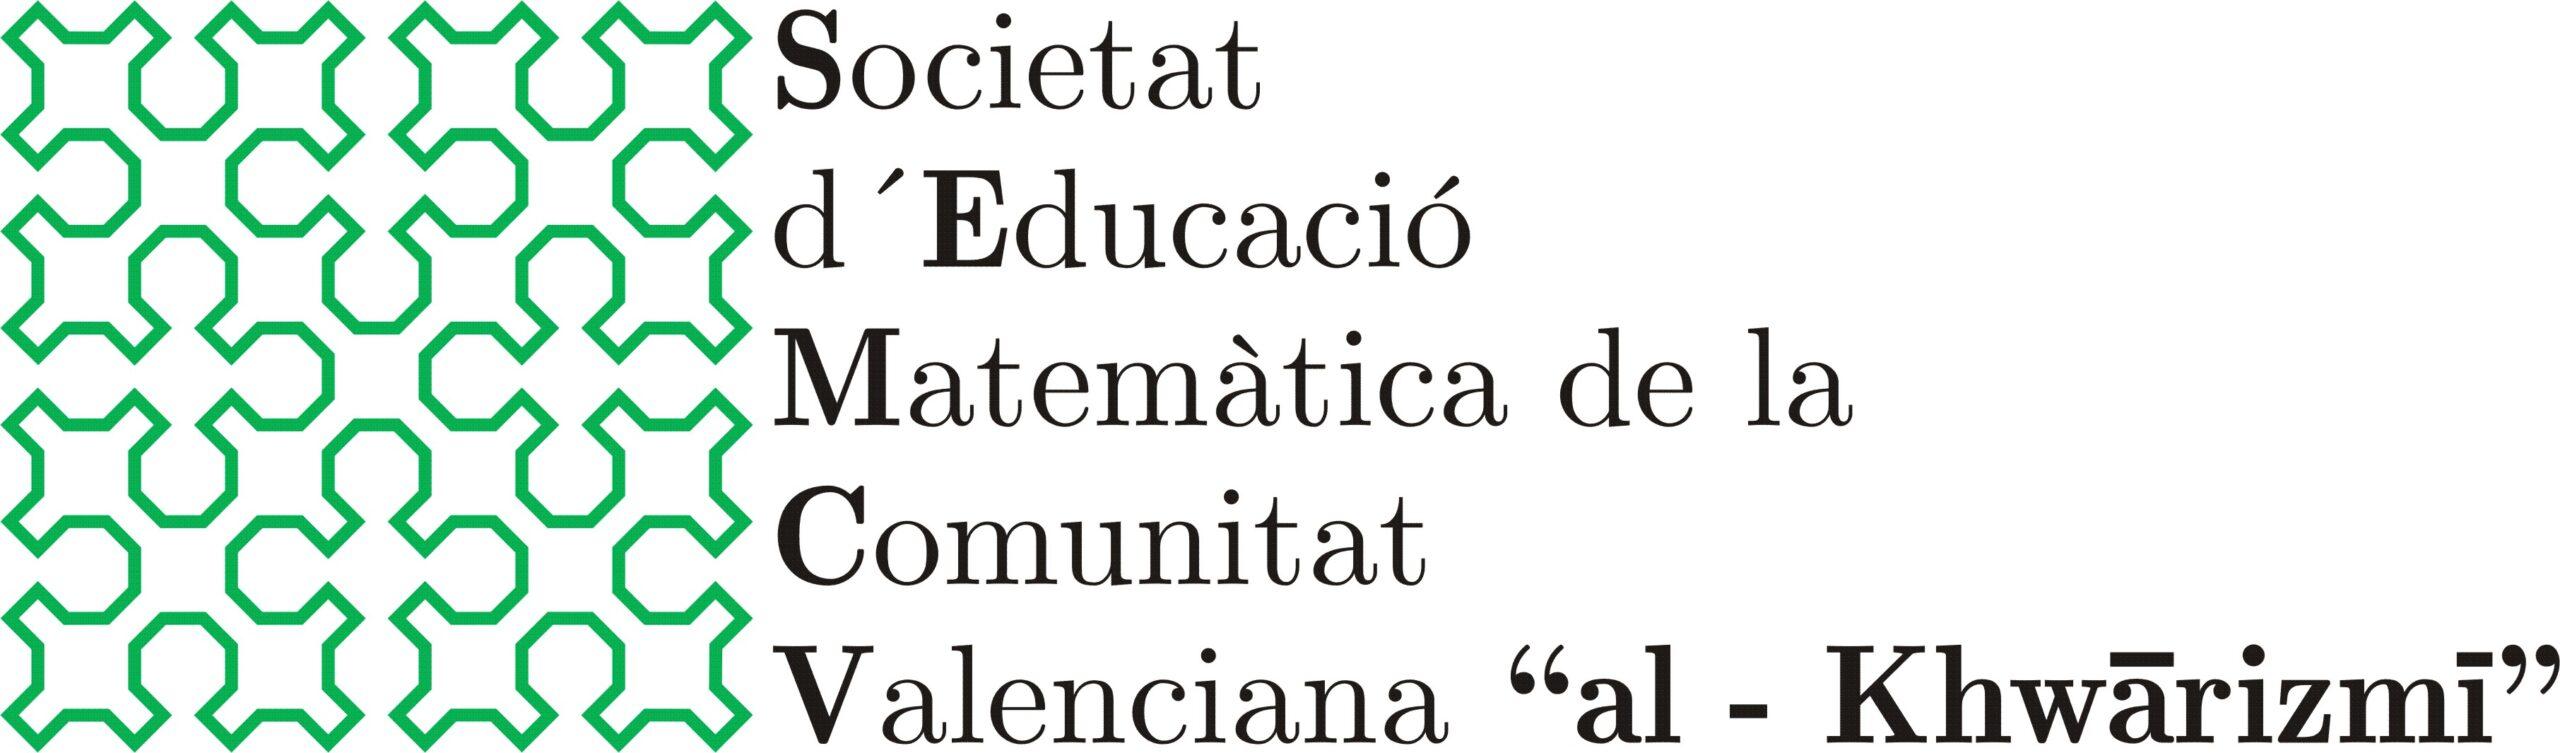 Societat d'Educació Matemàtica de la Comunitat Valenciana Al-Khwarizmi